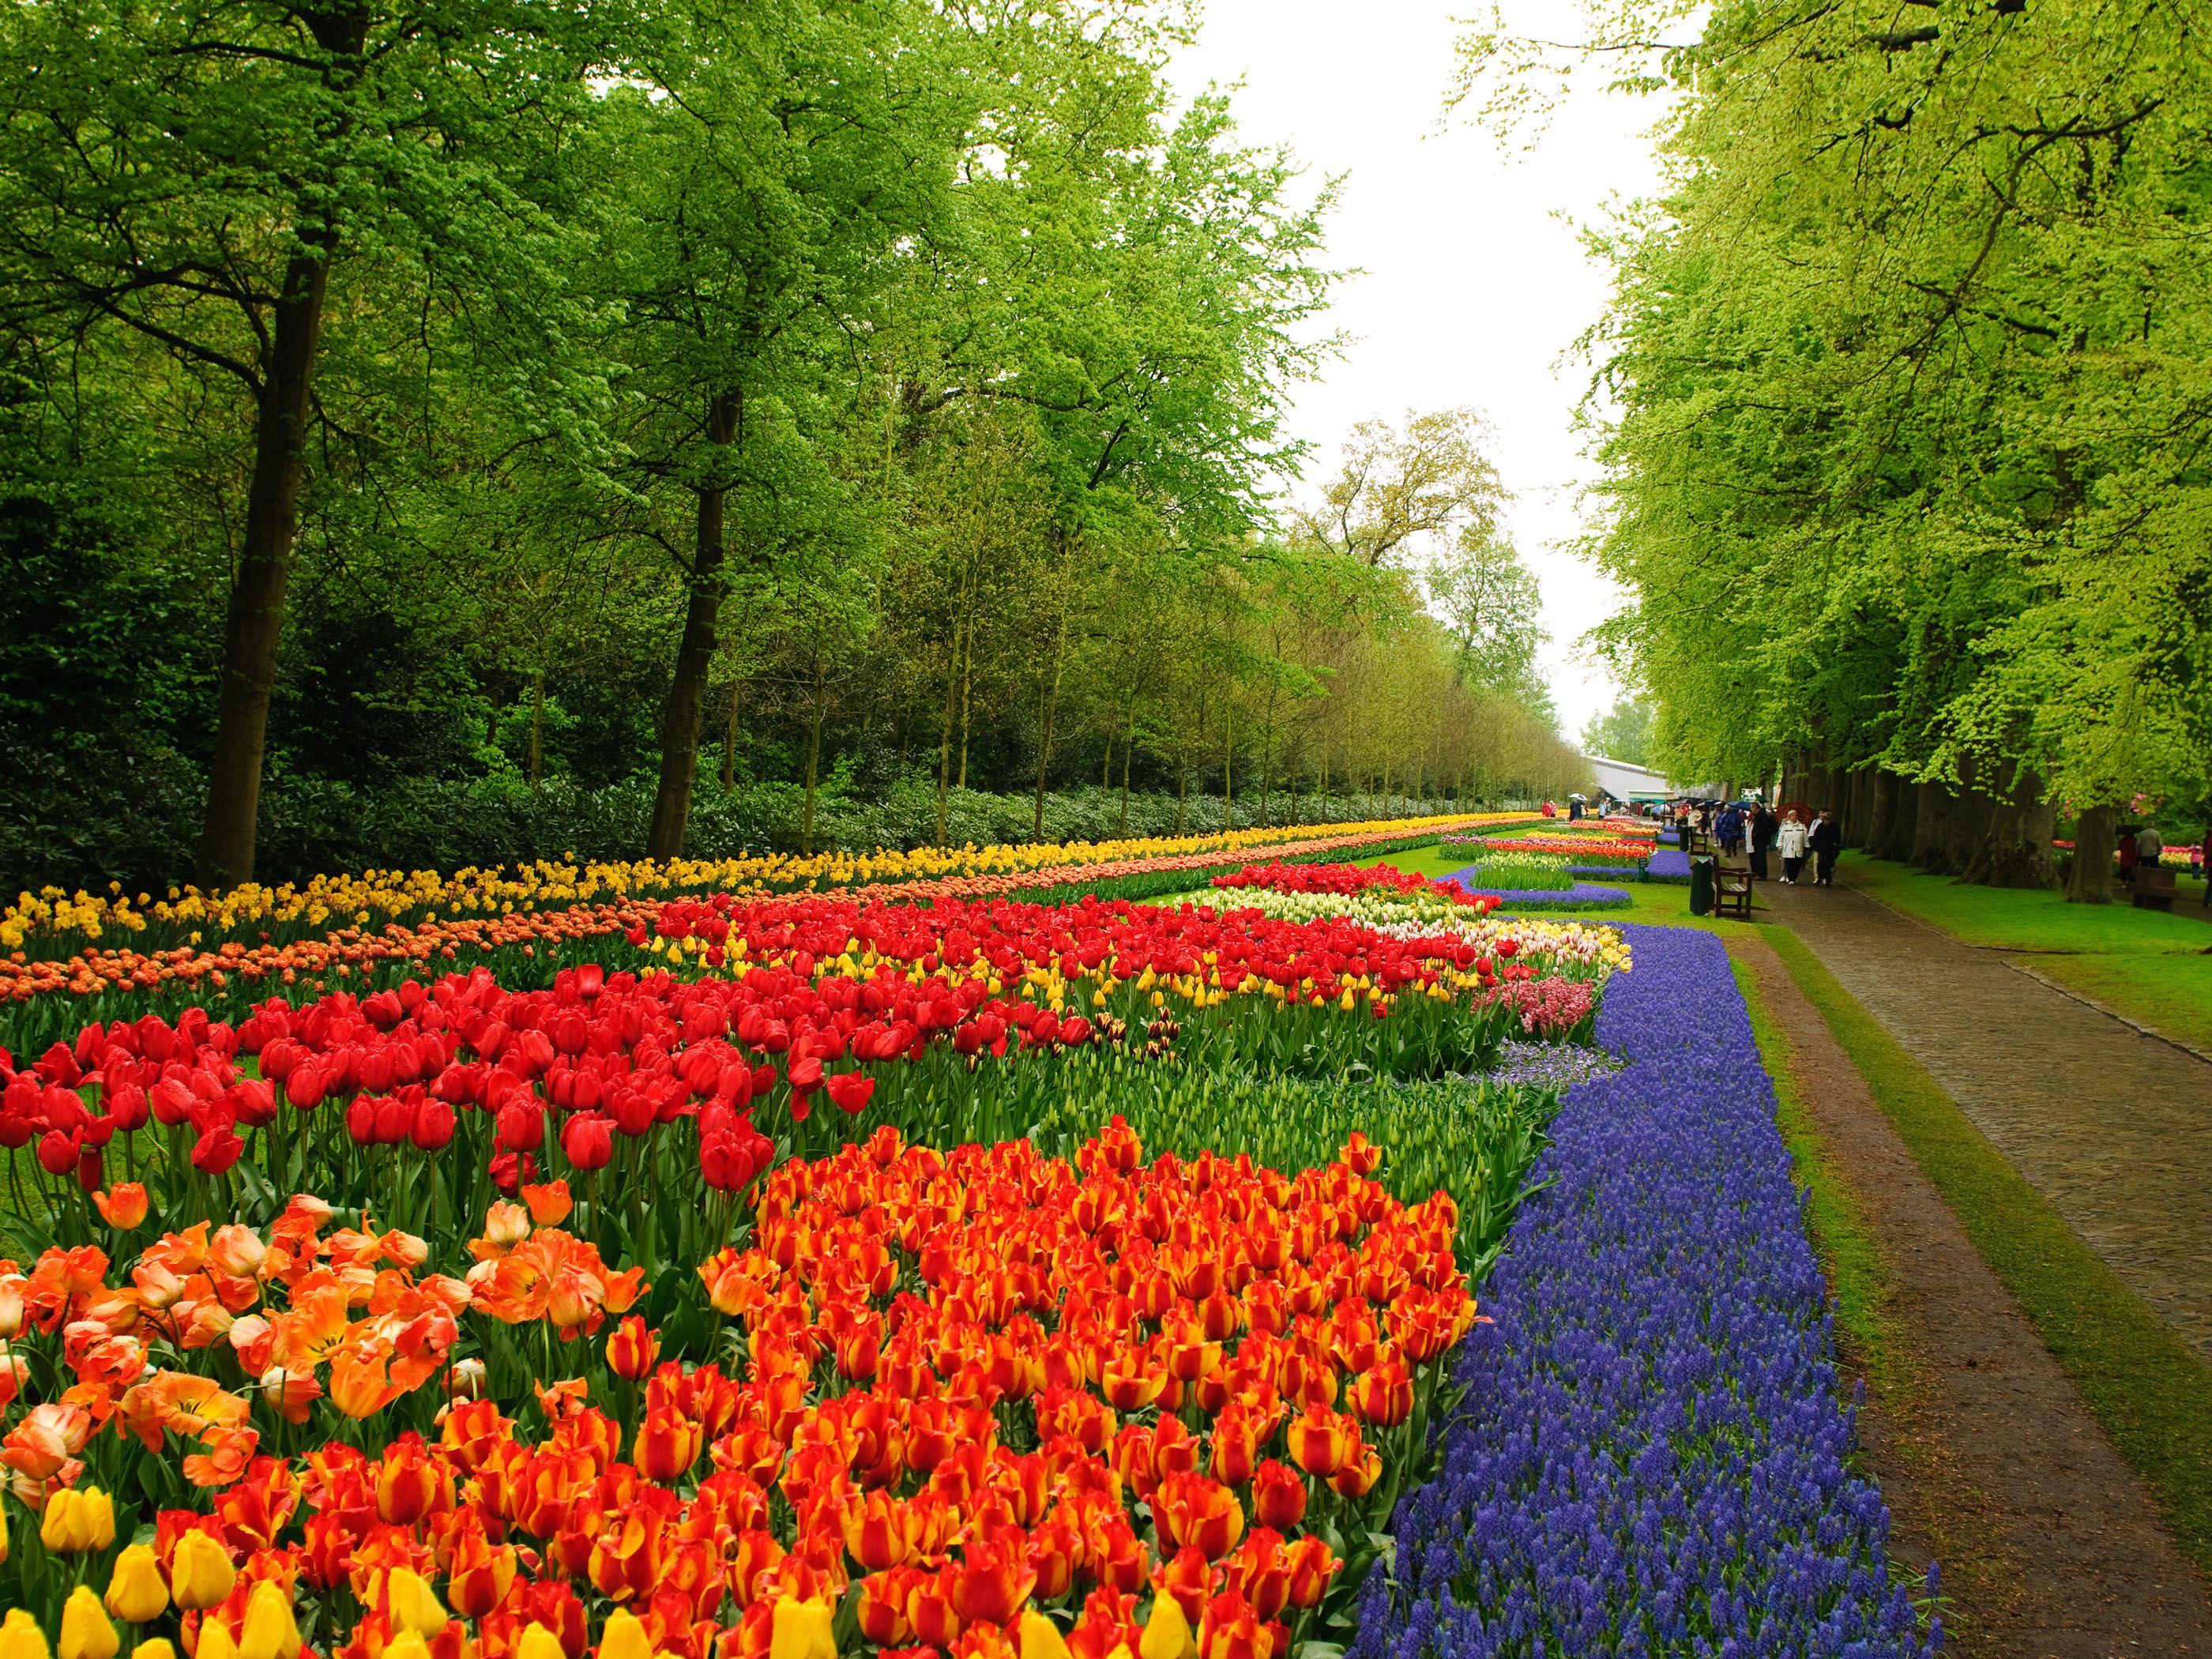 flower gardens pictures | niederlande keukenhof flower garden